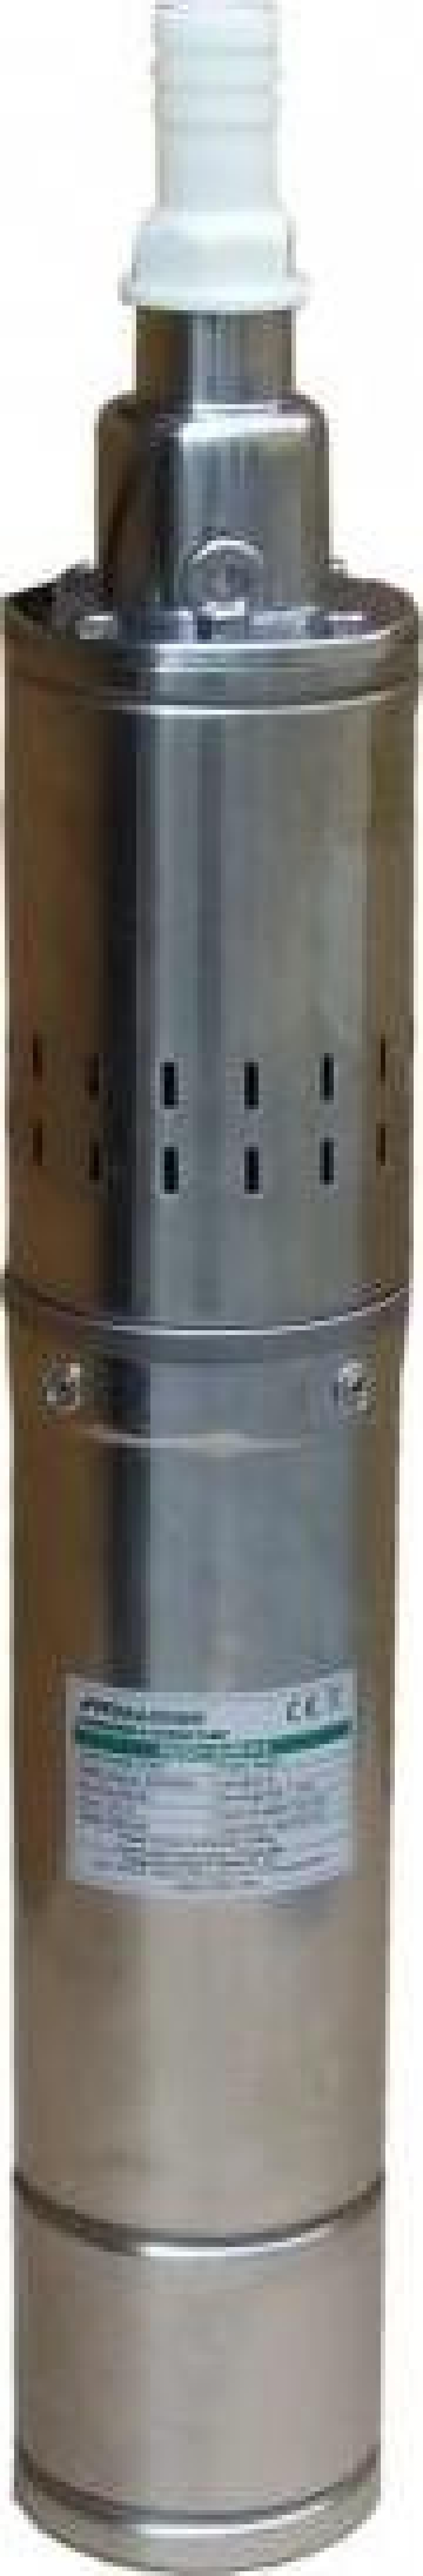 Pompa submersibila apa curata ProGarden 4QGD1.2-100-0.75